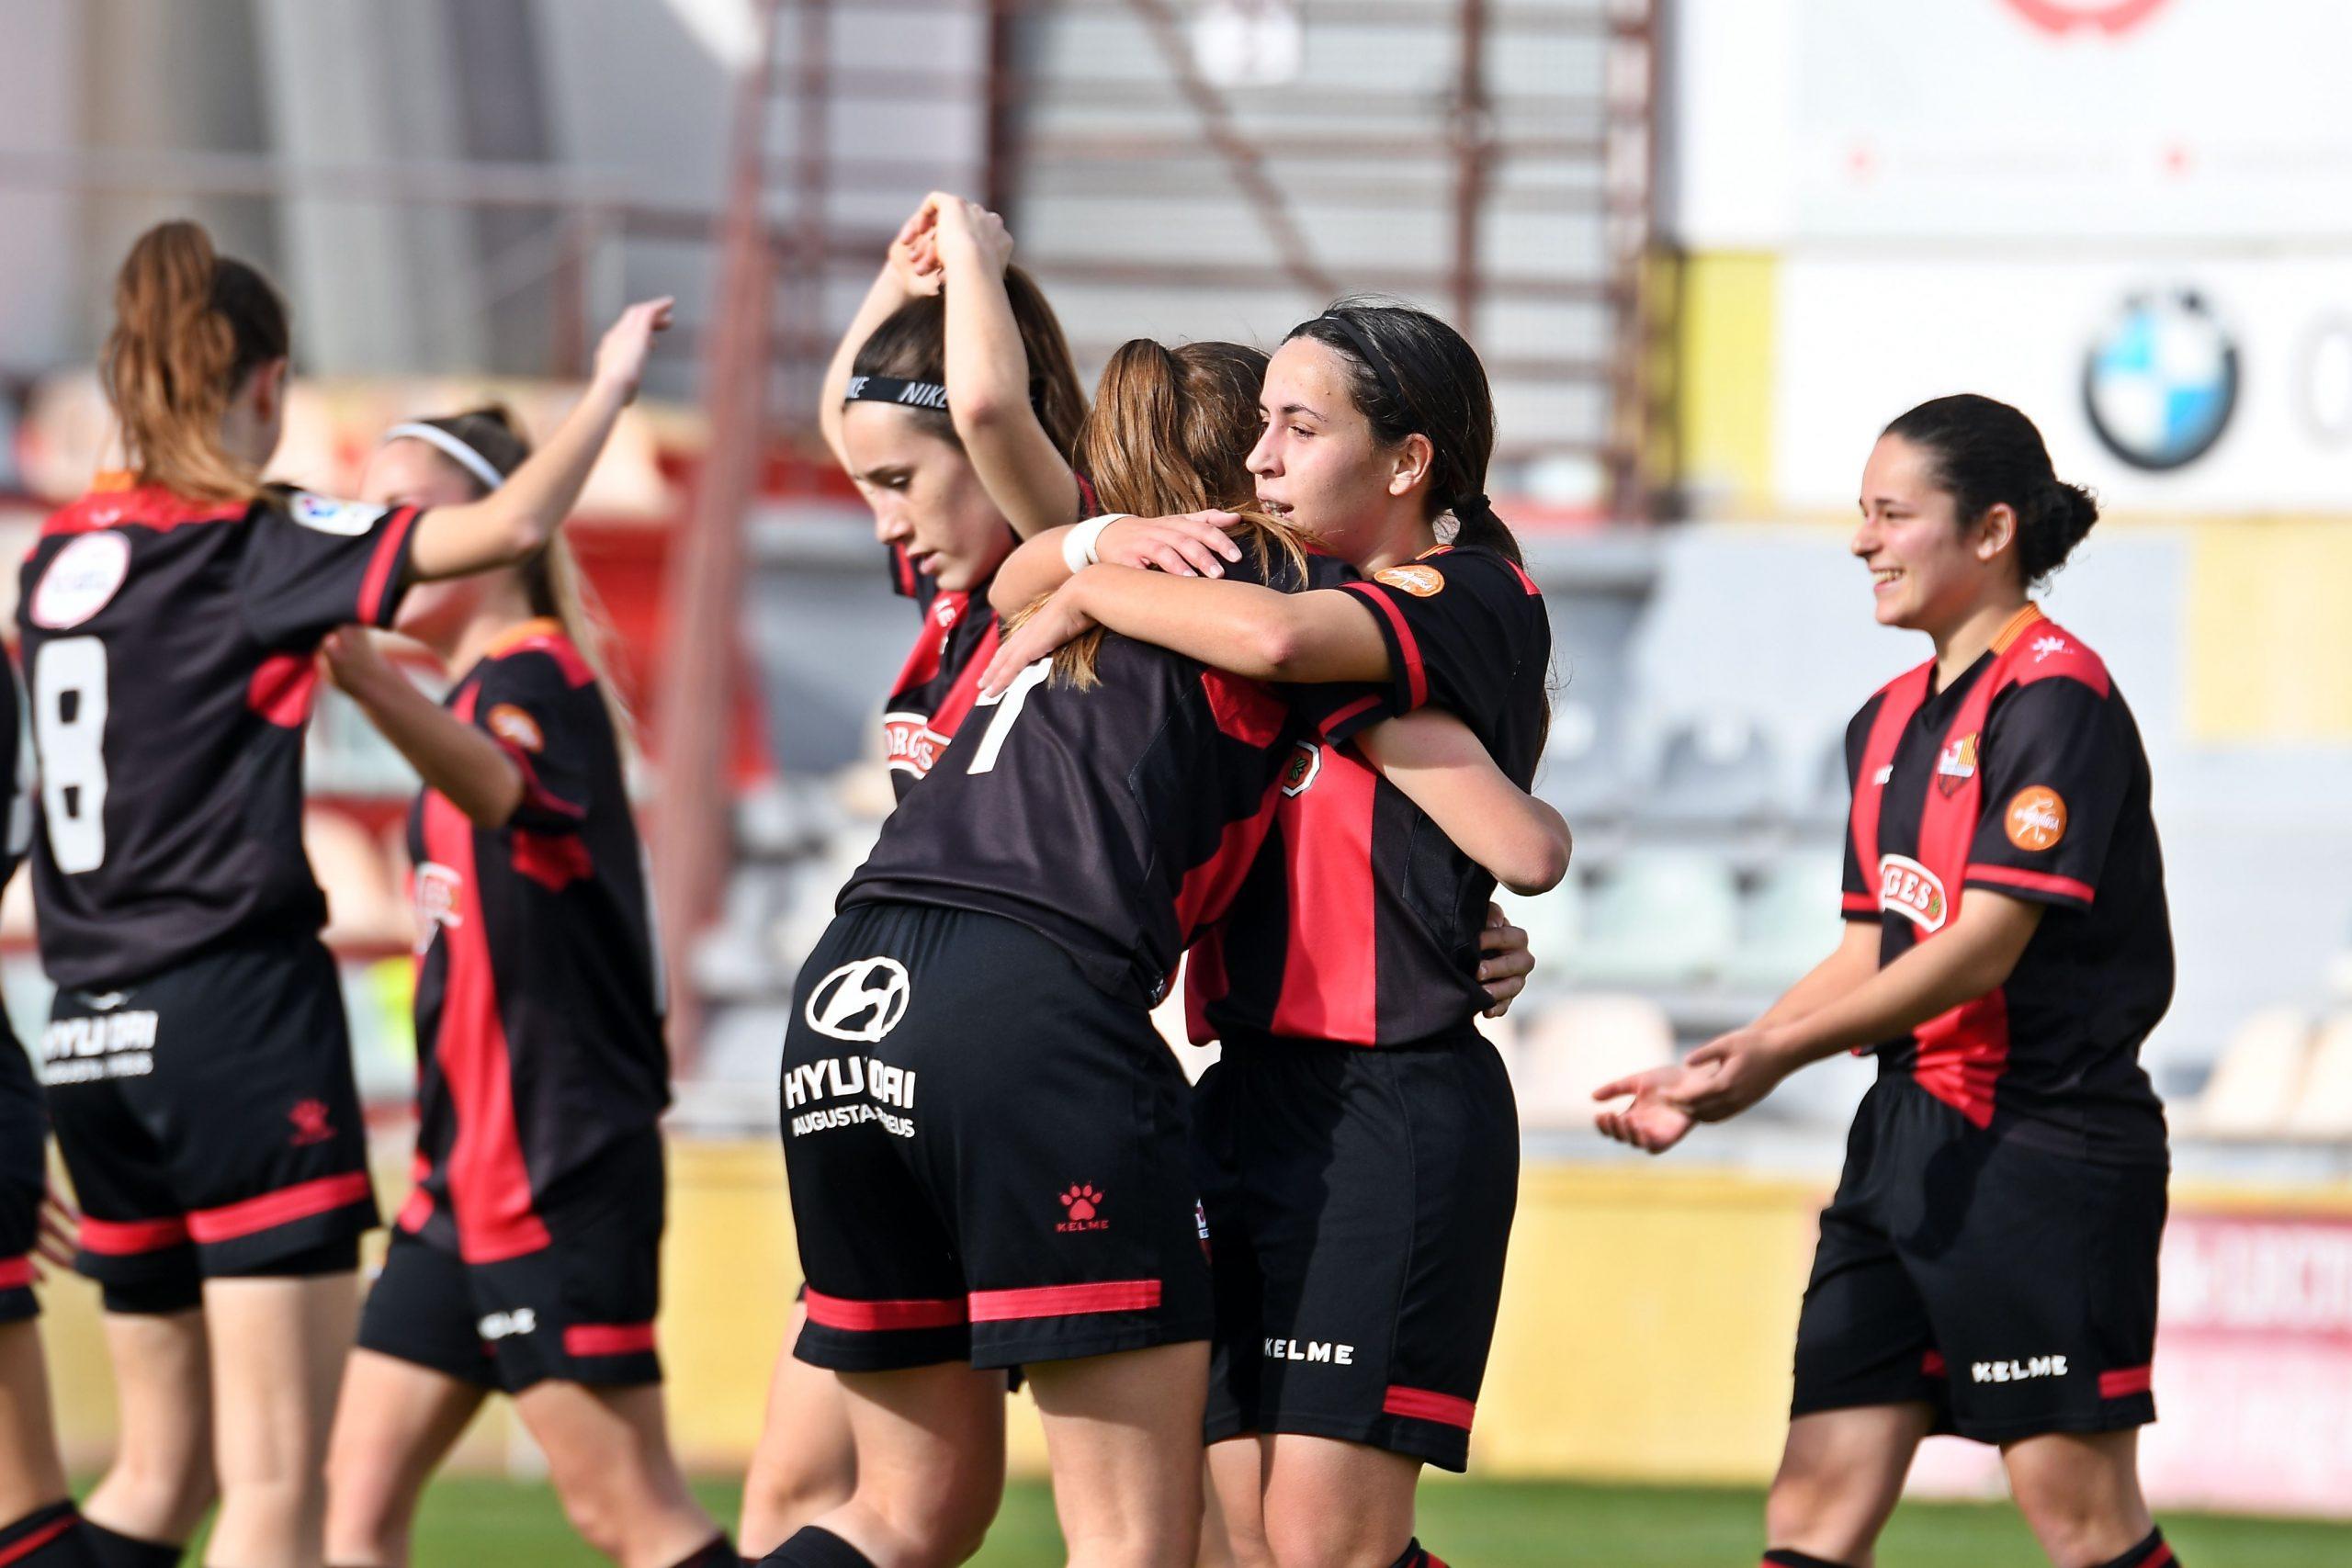 La Fundació comptarà amb un equip de futbol femení sènior la temporada 2021-22